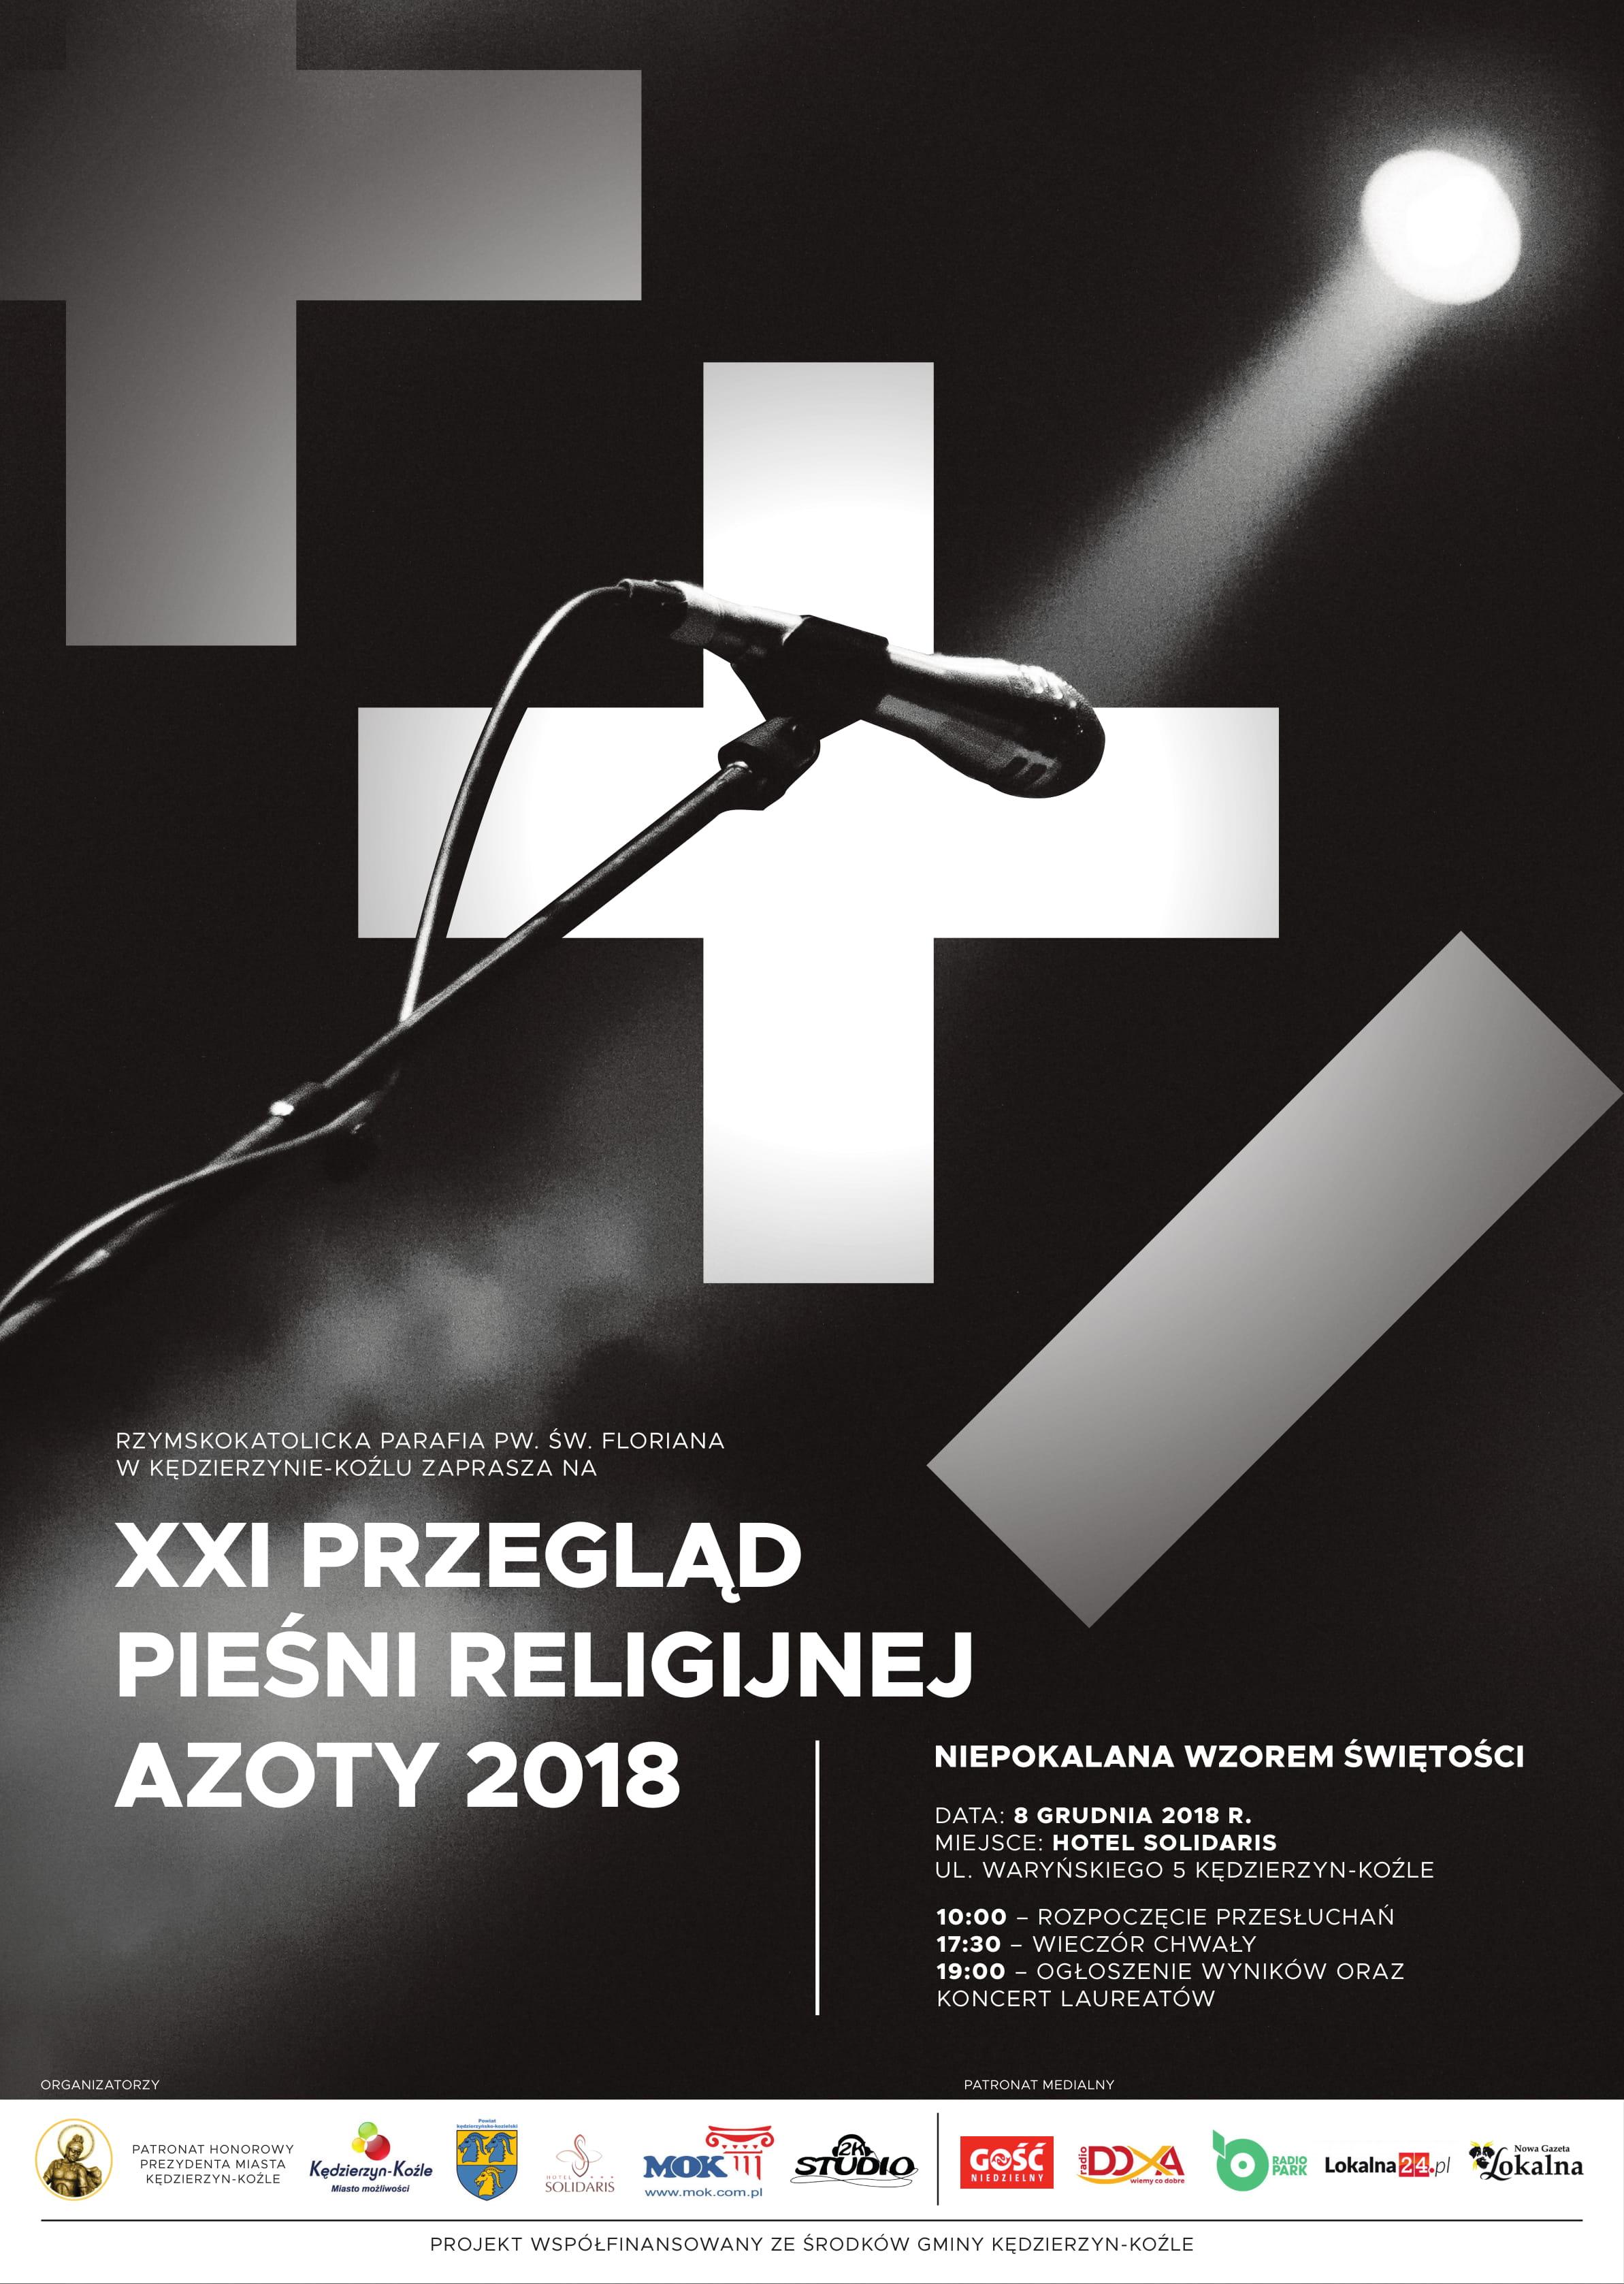 AZOTY_2018_prodkucyjny_pop1-1